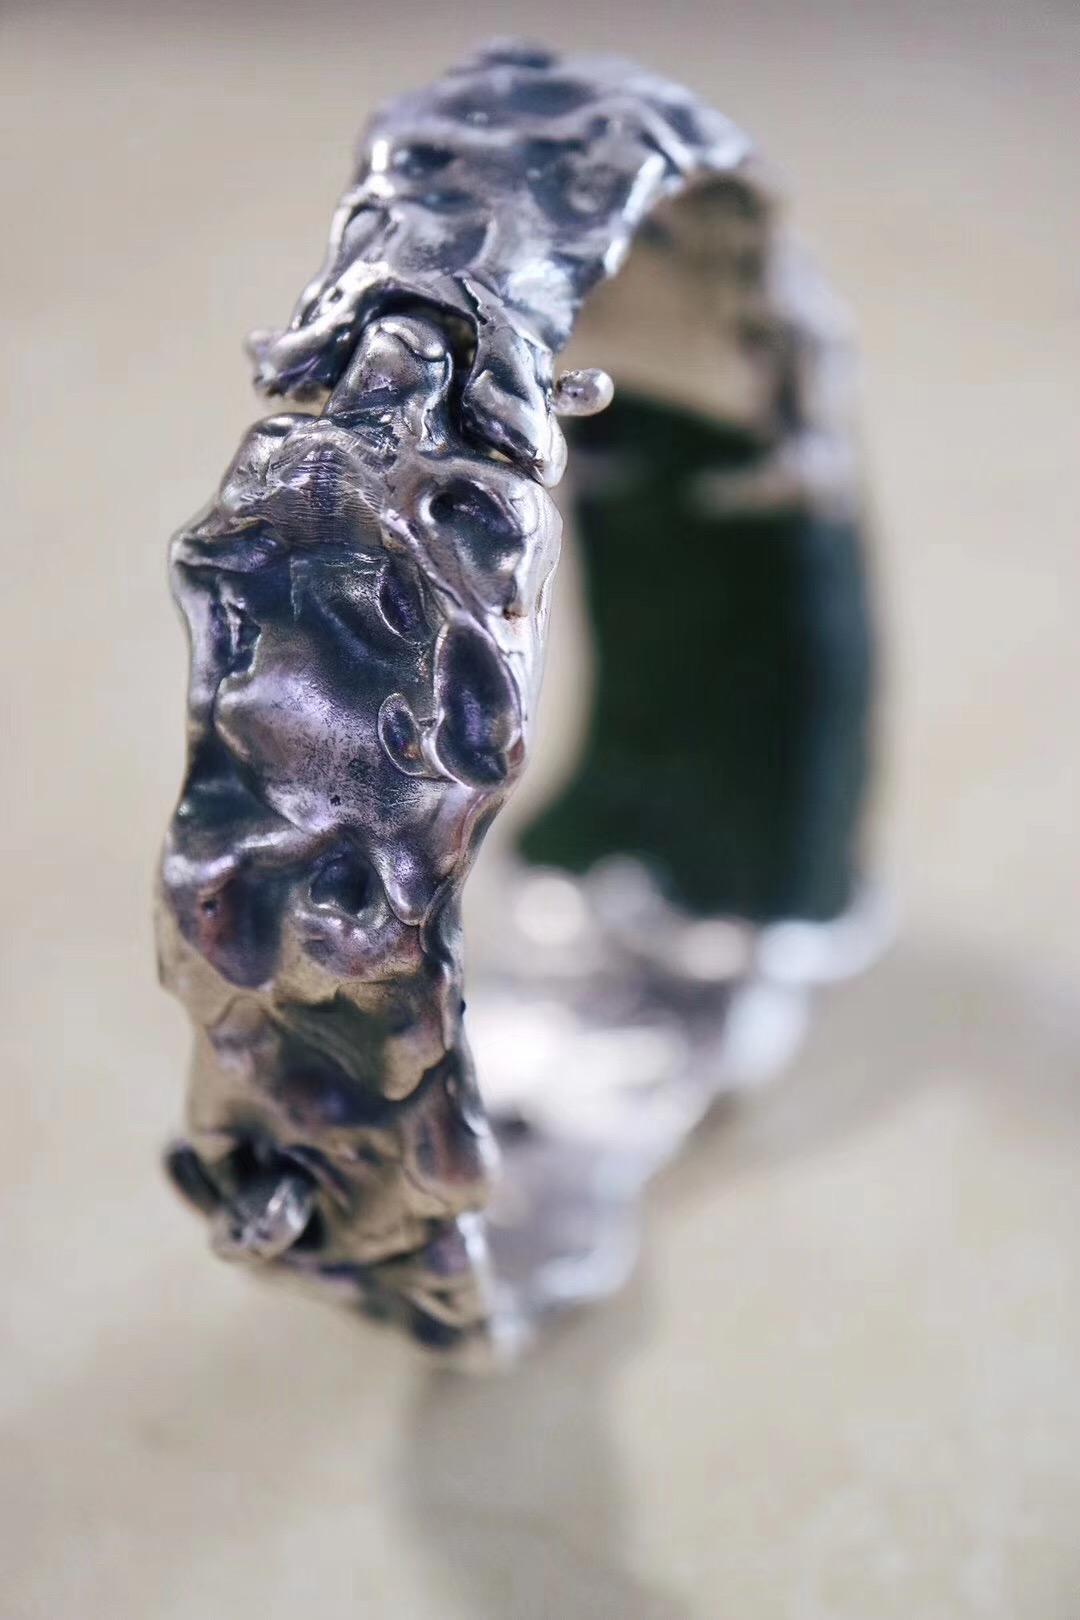 【菩心-捷克陨石】捷克陨石手环,男女皆可佩戴。-菩心晶舍